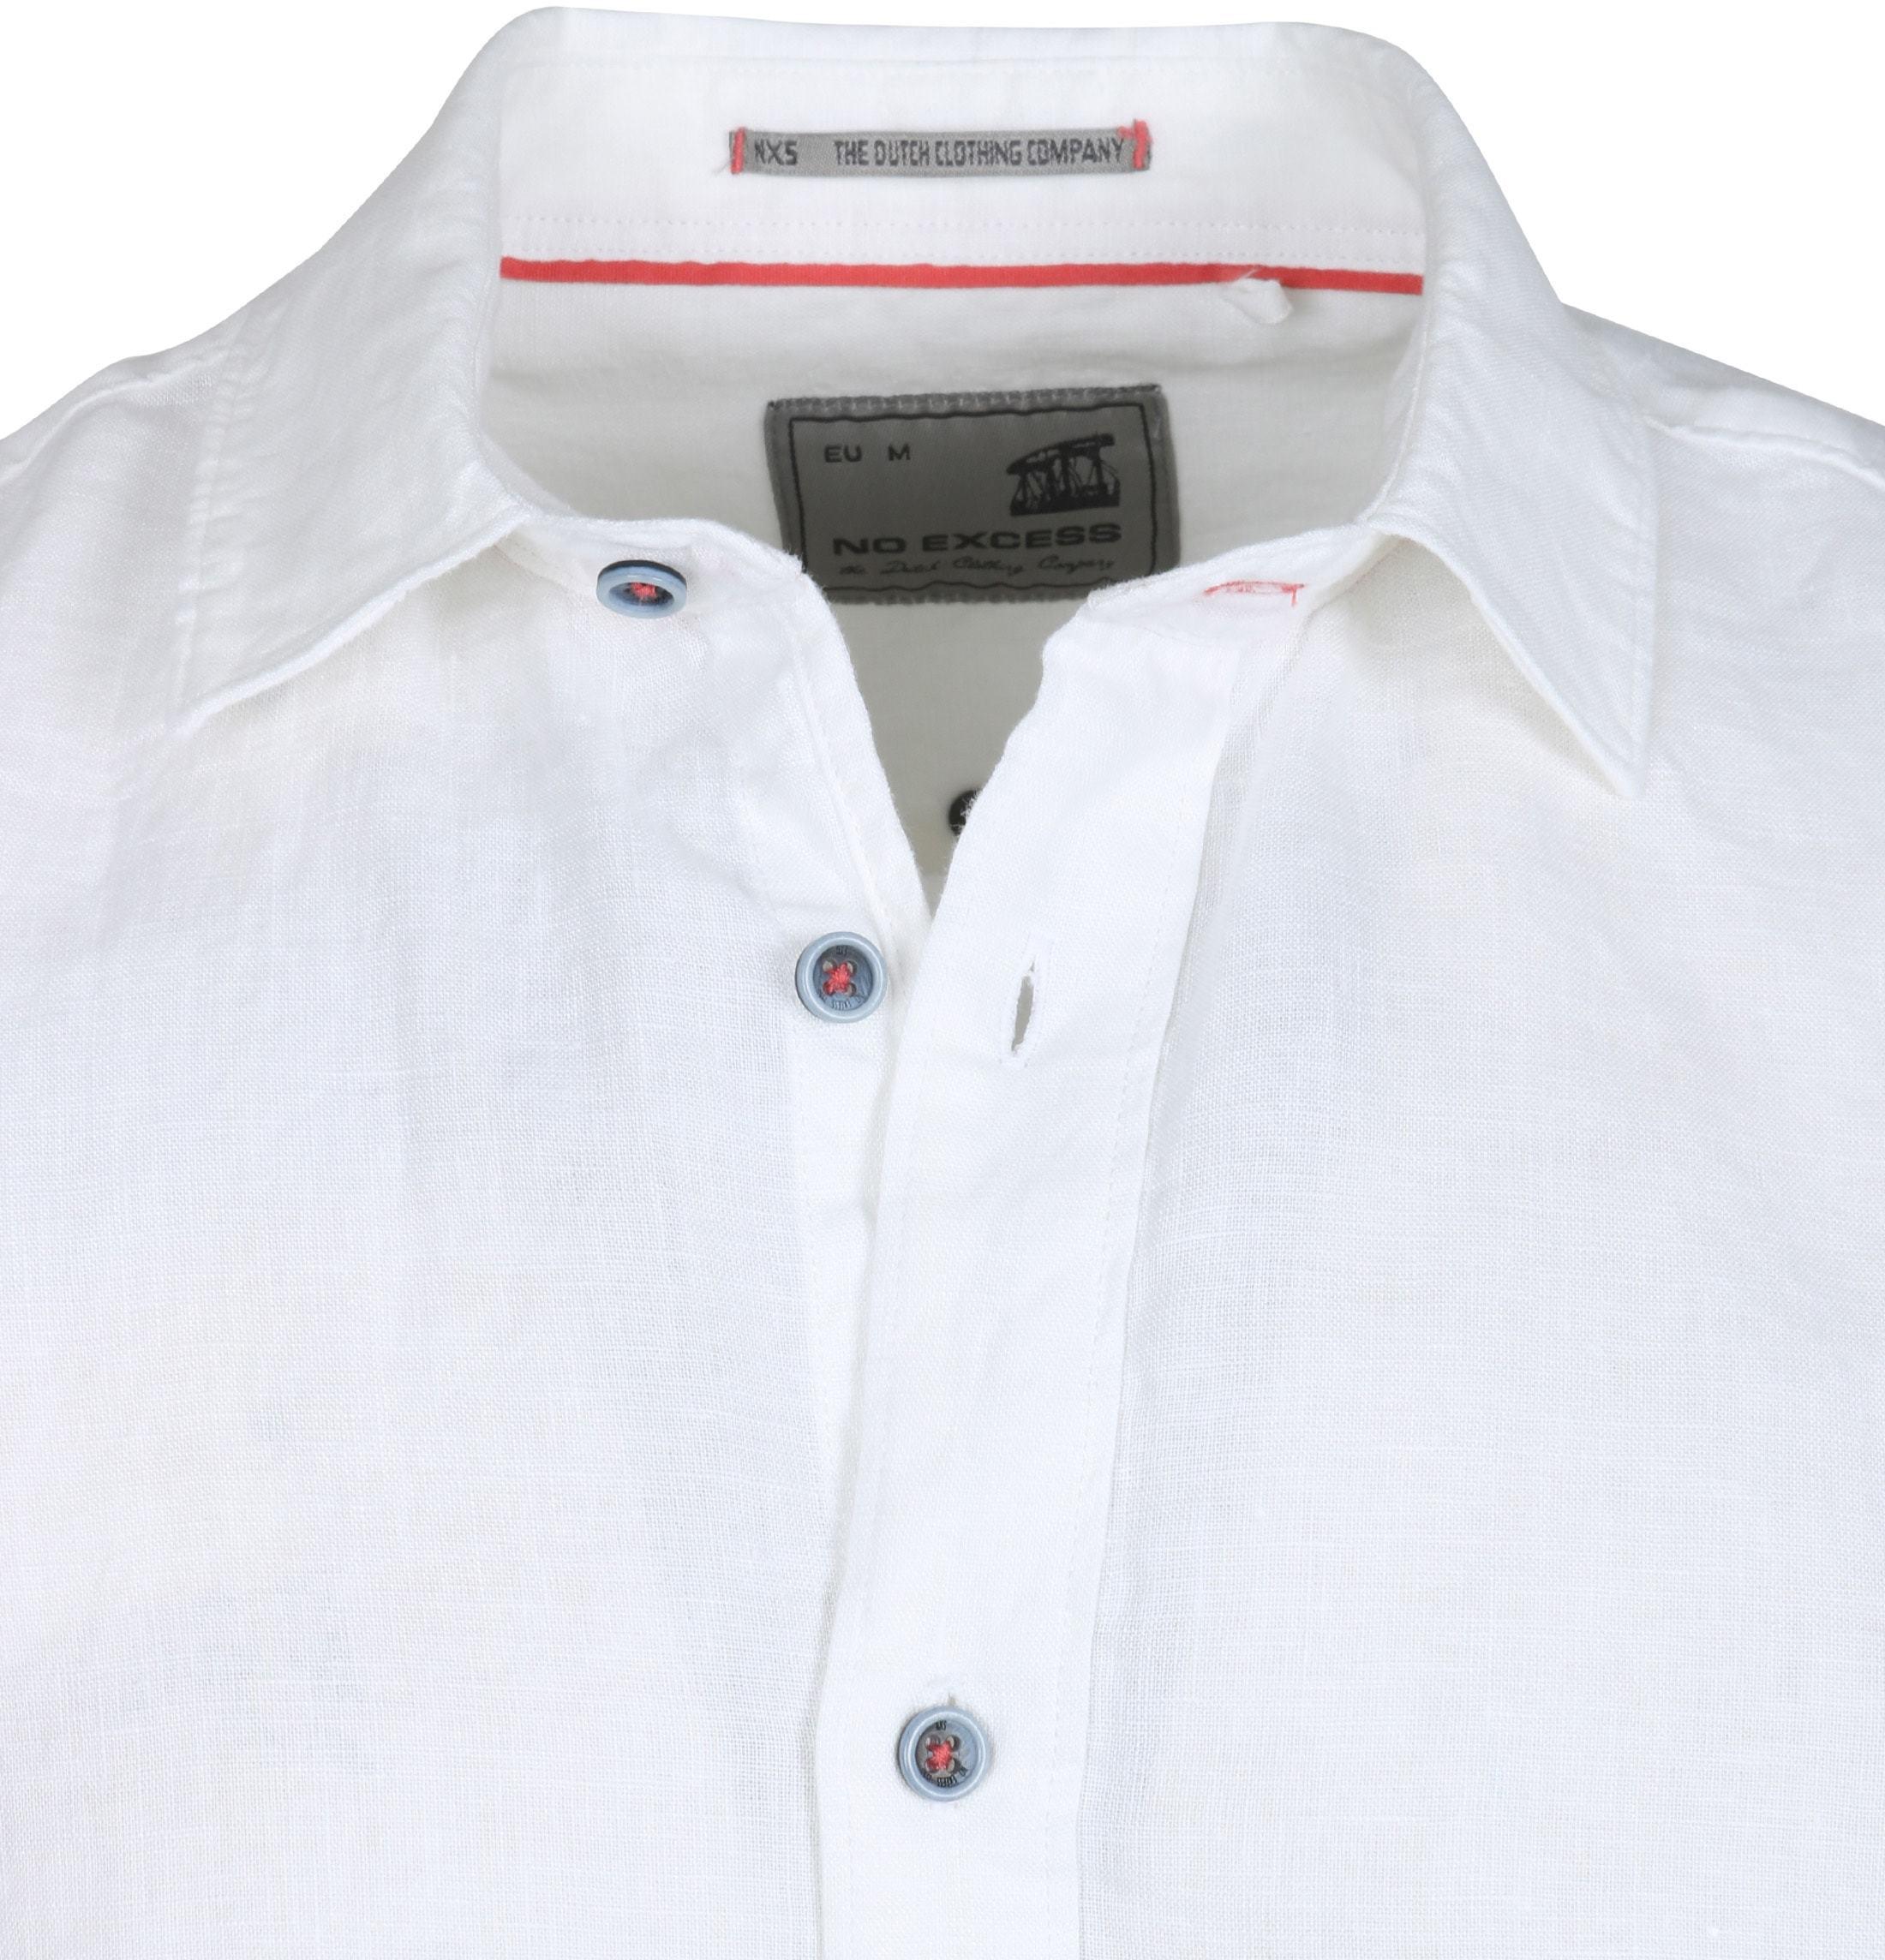 No-Excess Overhemd Linnen Korte Mouw Wit foto 1